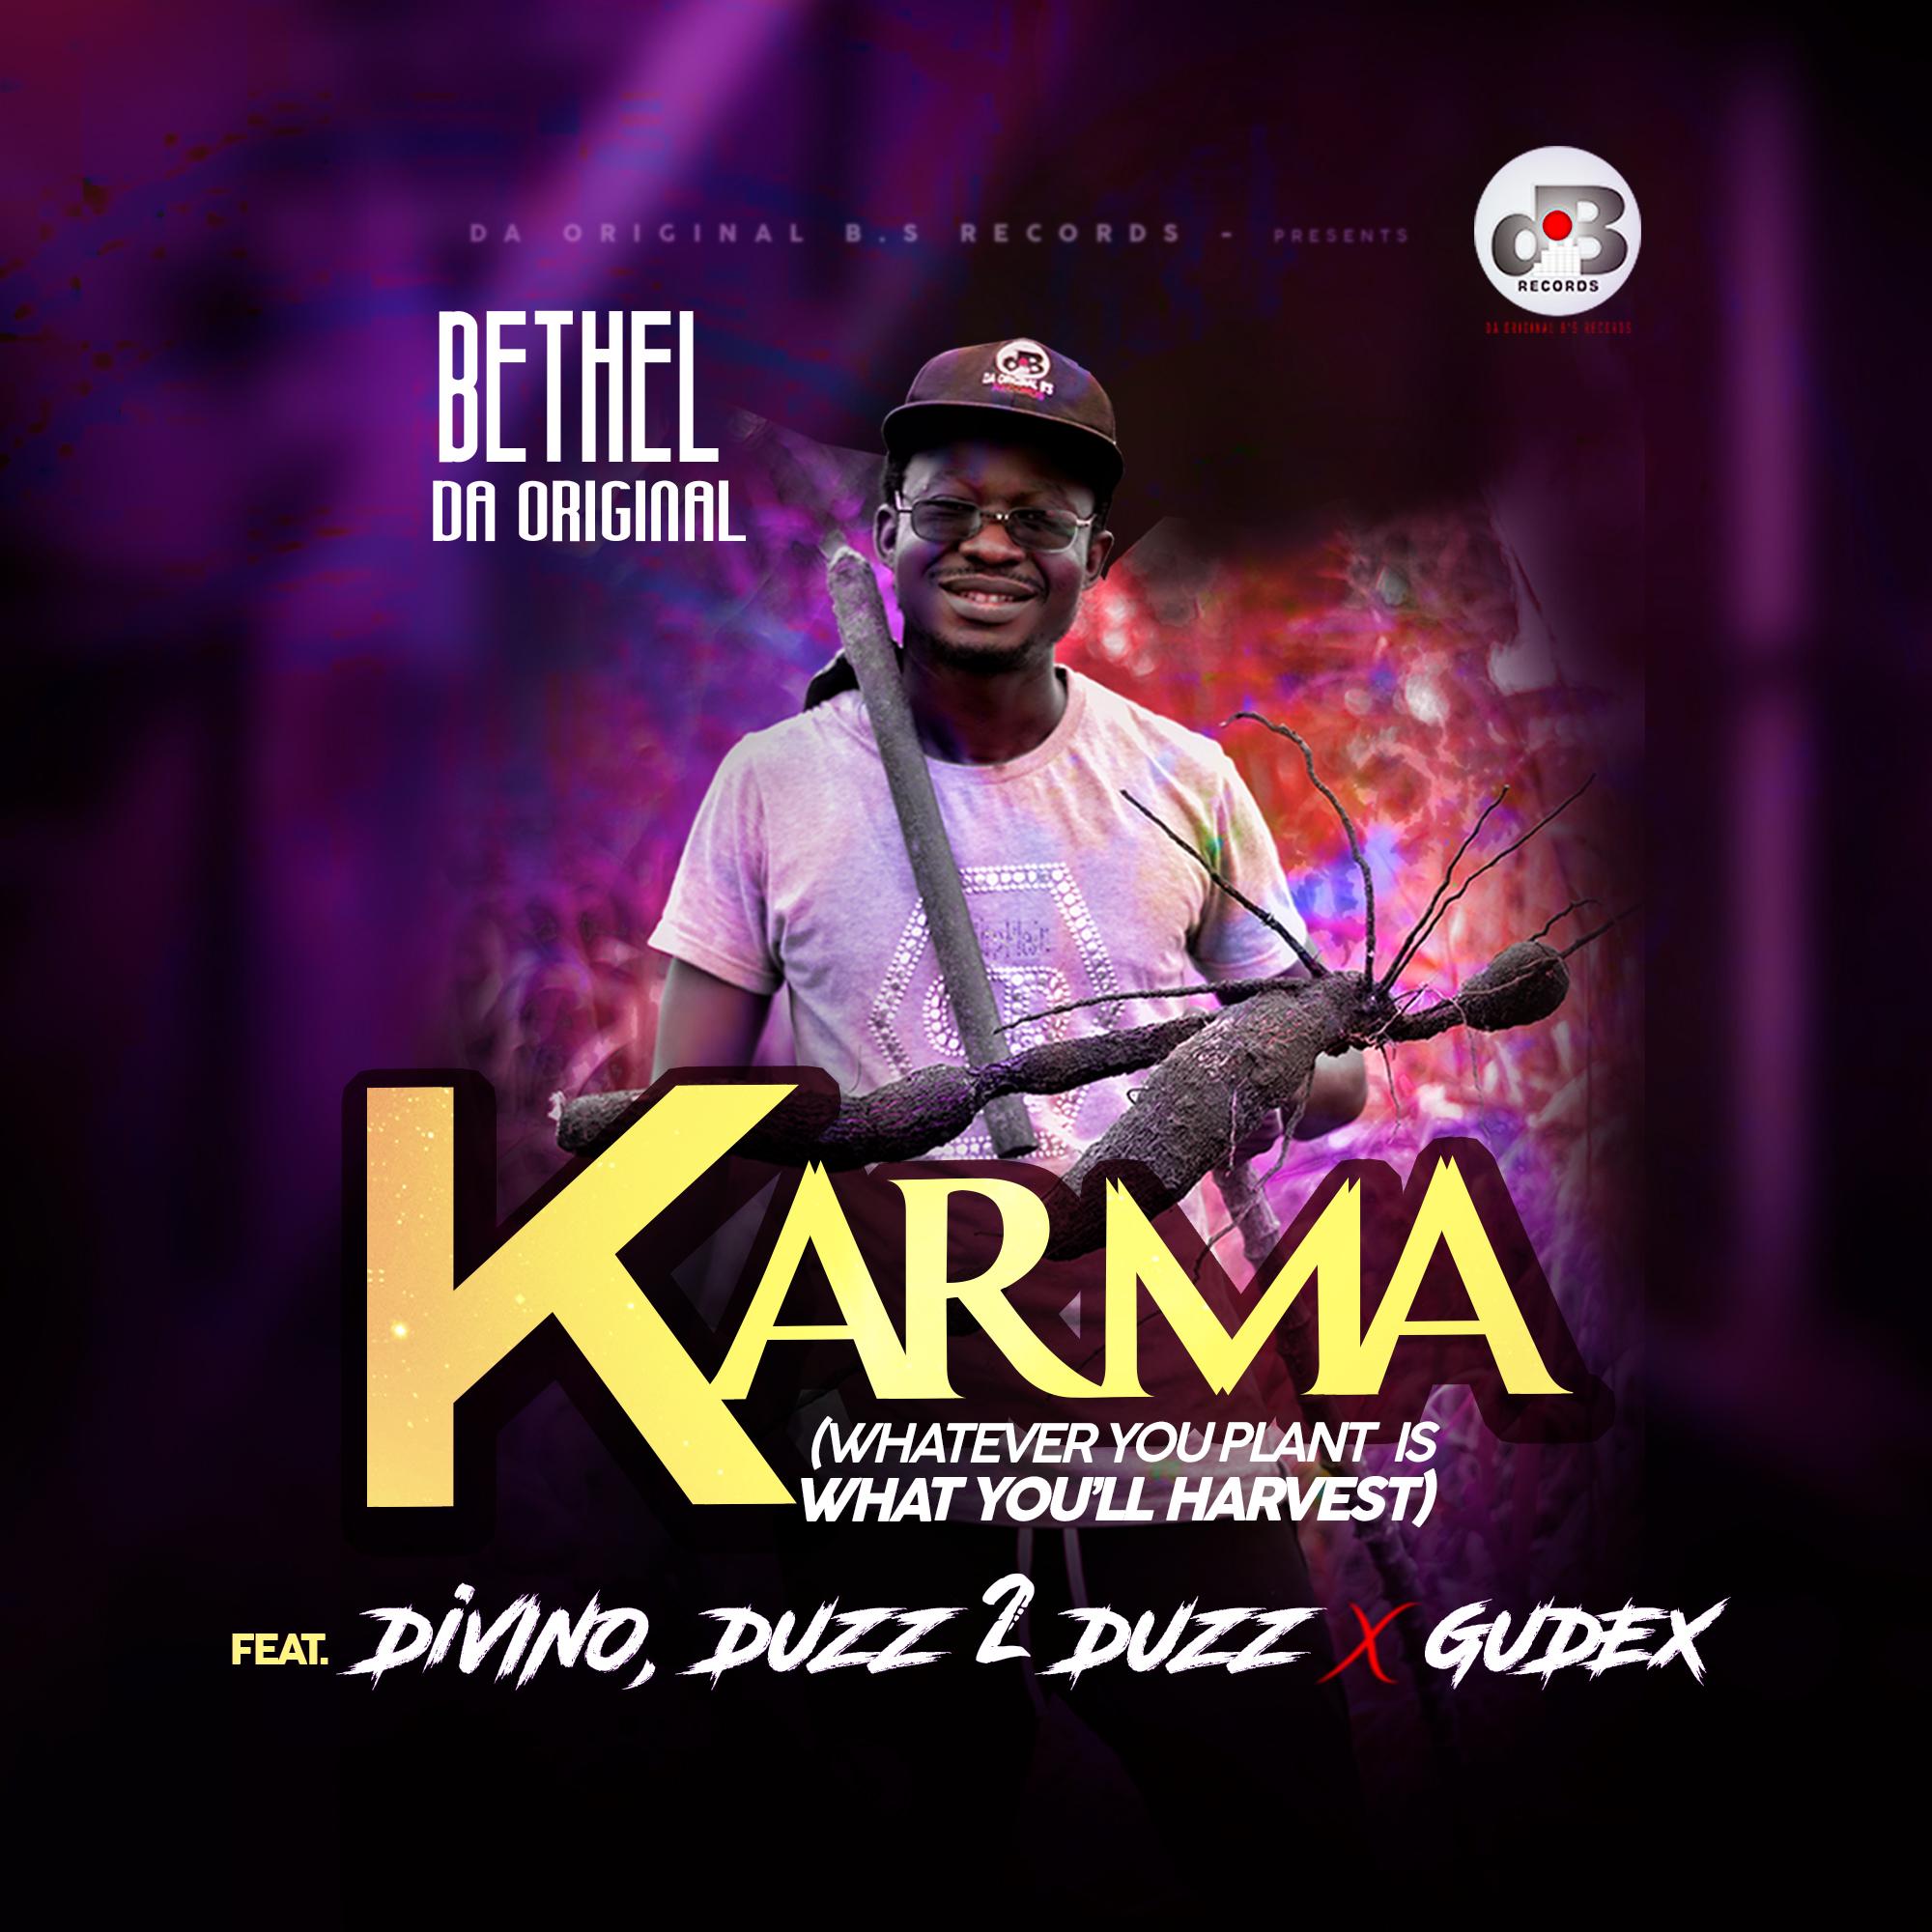 Bethel Da Original Ft Divino, Duzz2Duzz Gudex - Karma